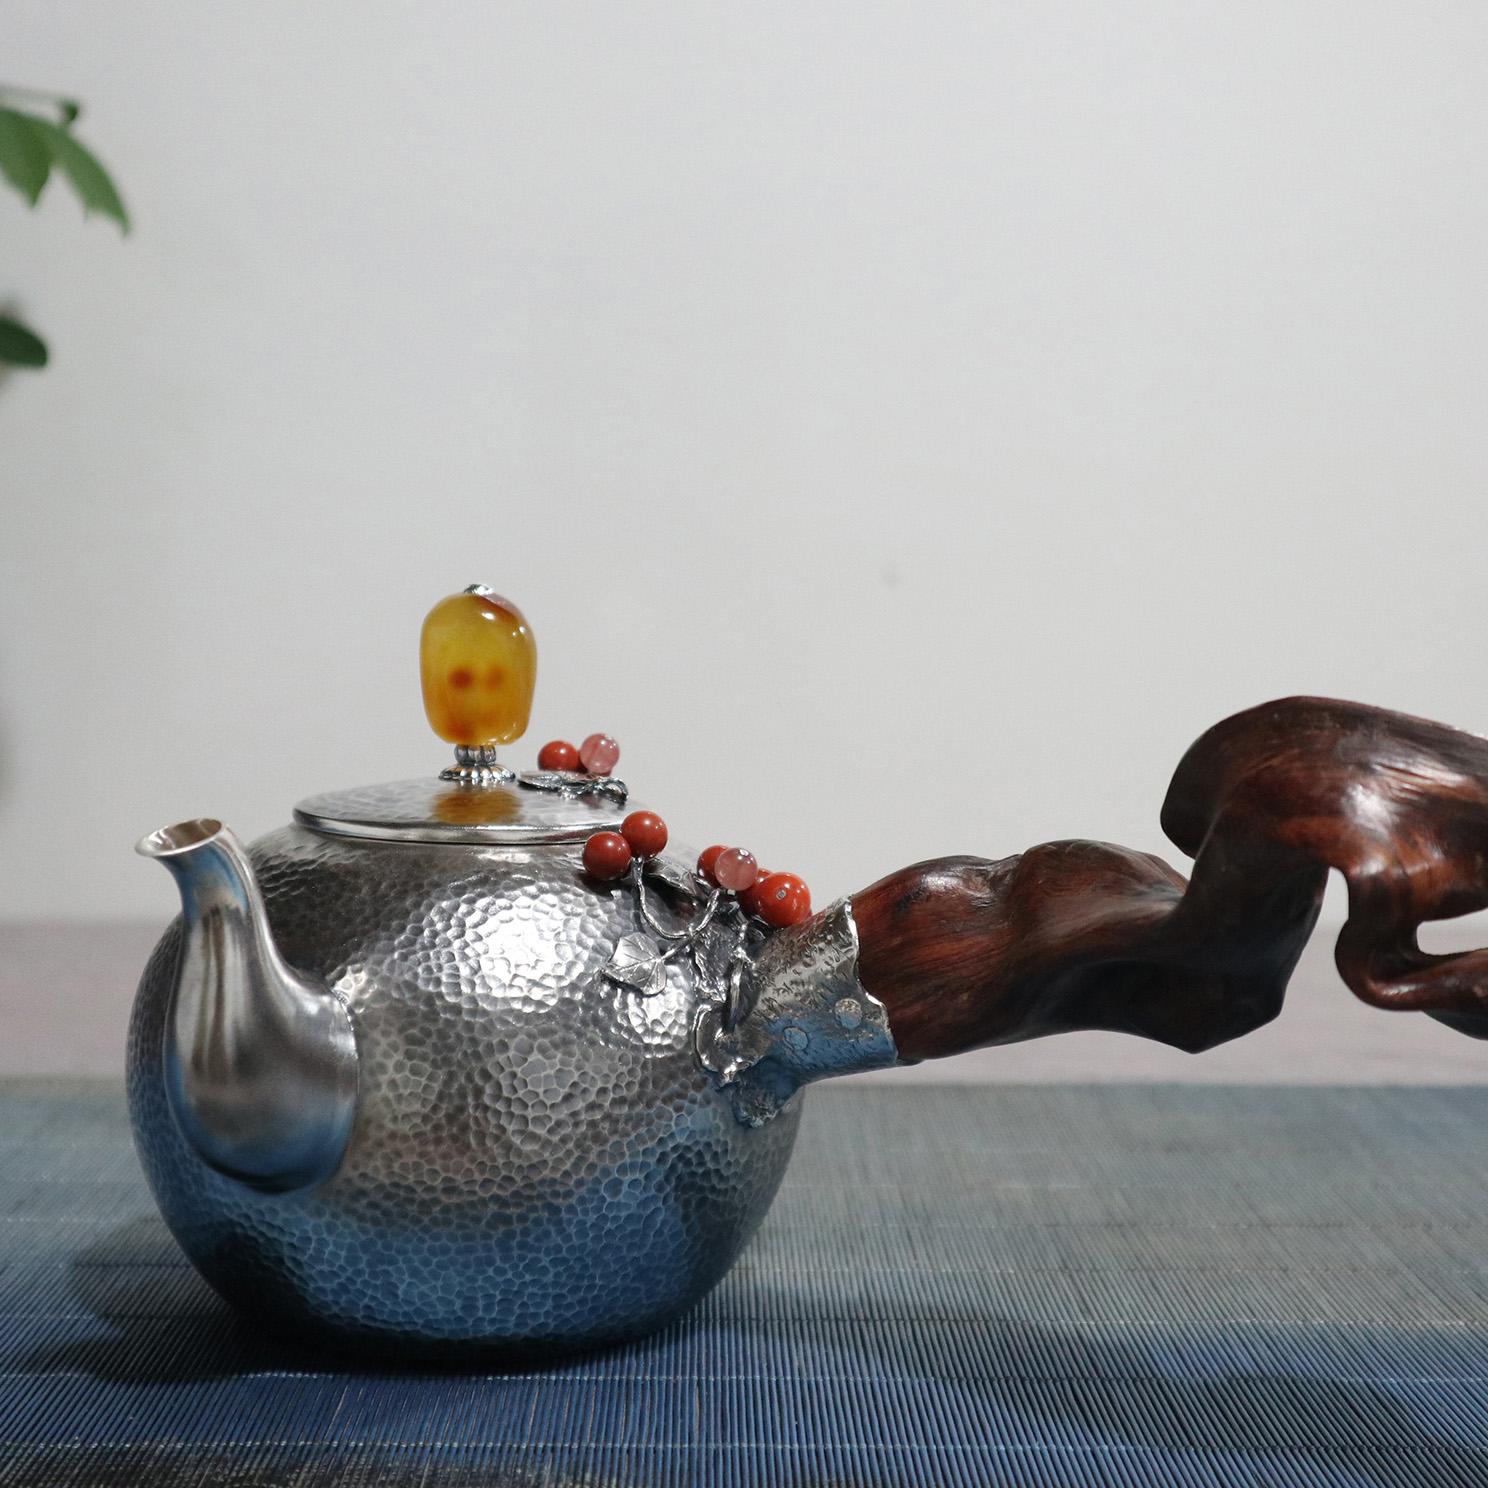 【满圆】S999纯银手工 烧水壶